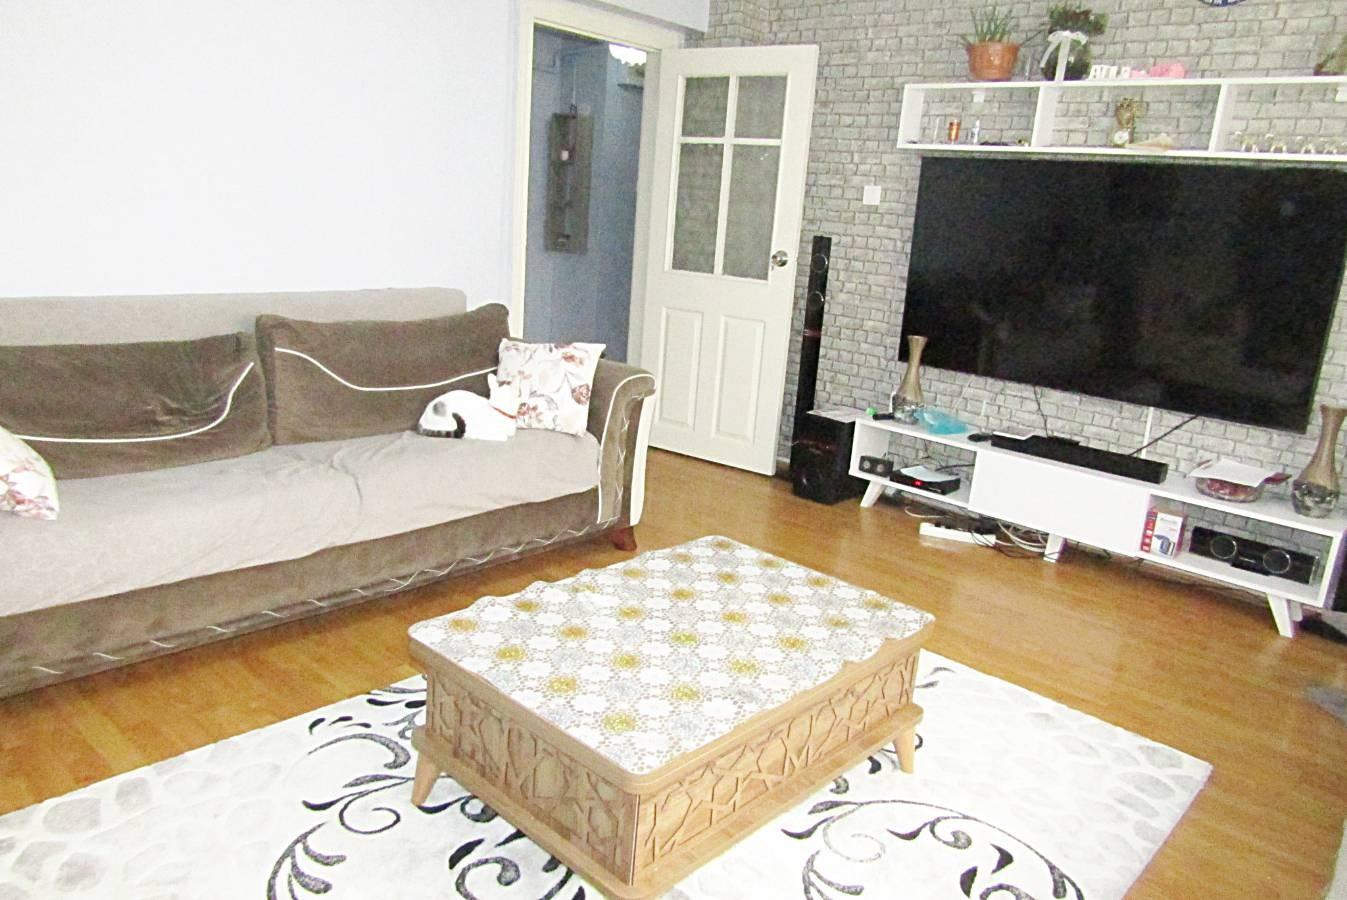 SR EMLAK'TAN ELVAN  MAH 'DE 3+1 110 m² CADDEYE YAKIN  BAĞIMSIZ YAPILI  DAİRE